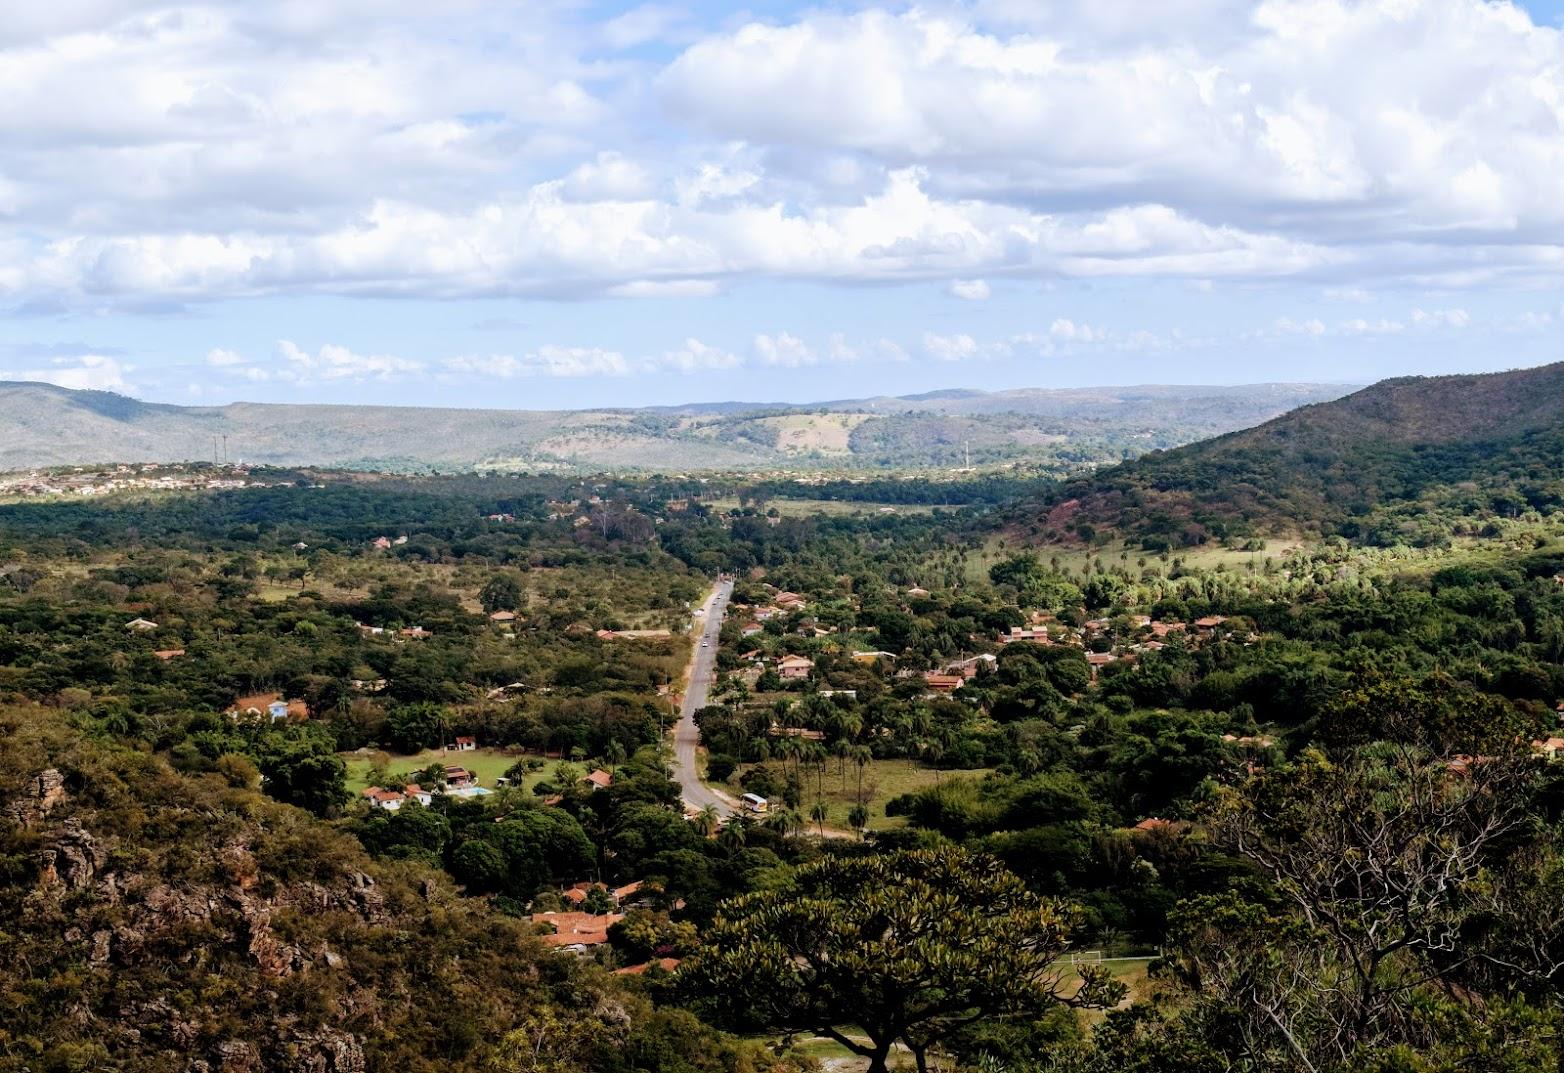 Uma das vistas que se tem da Trilha dos Escravos, na Serra do Cipó